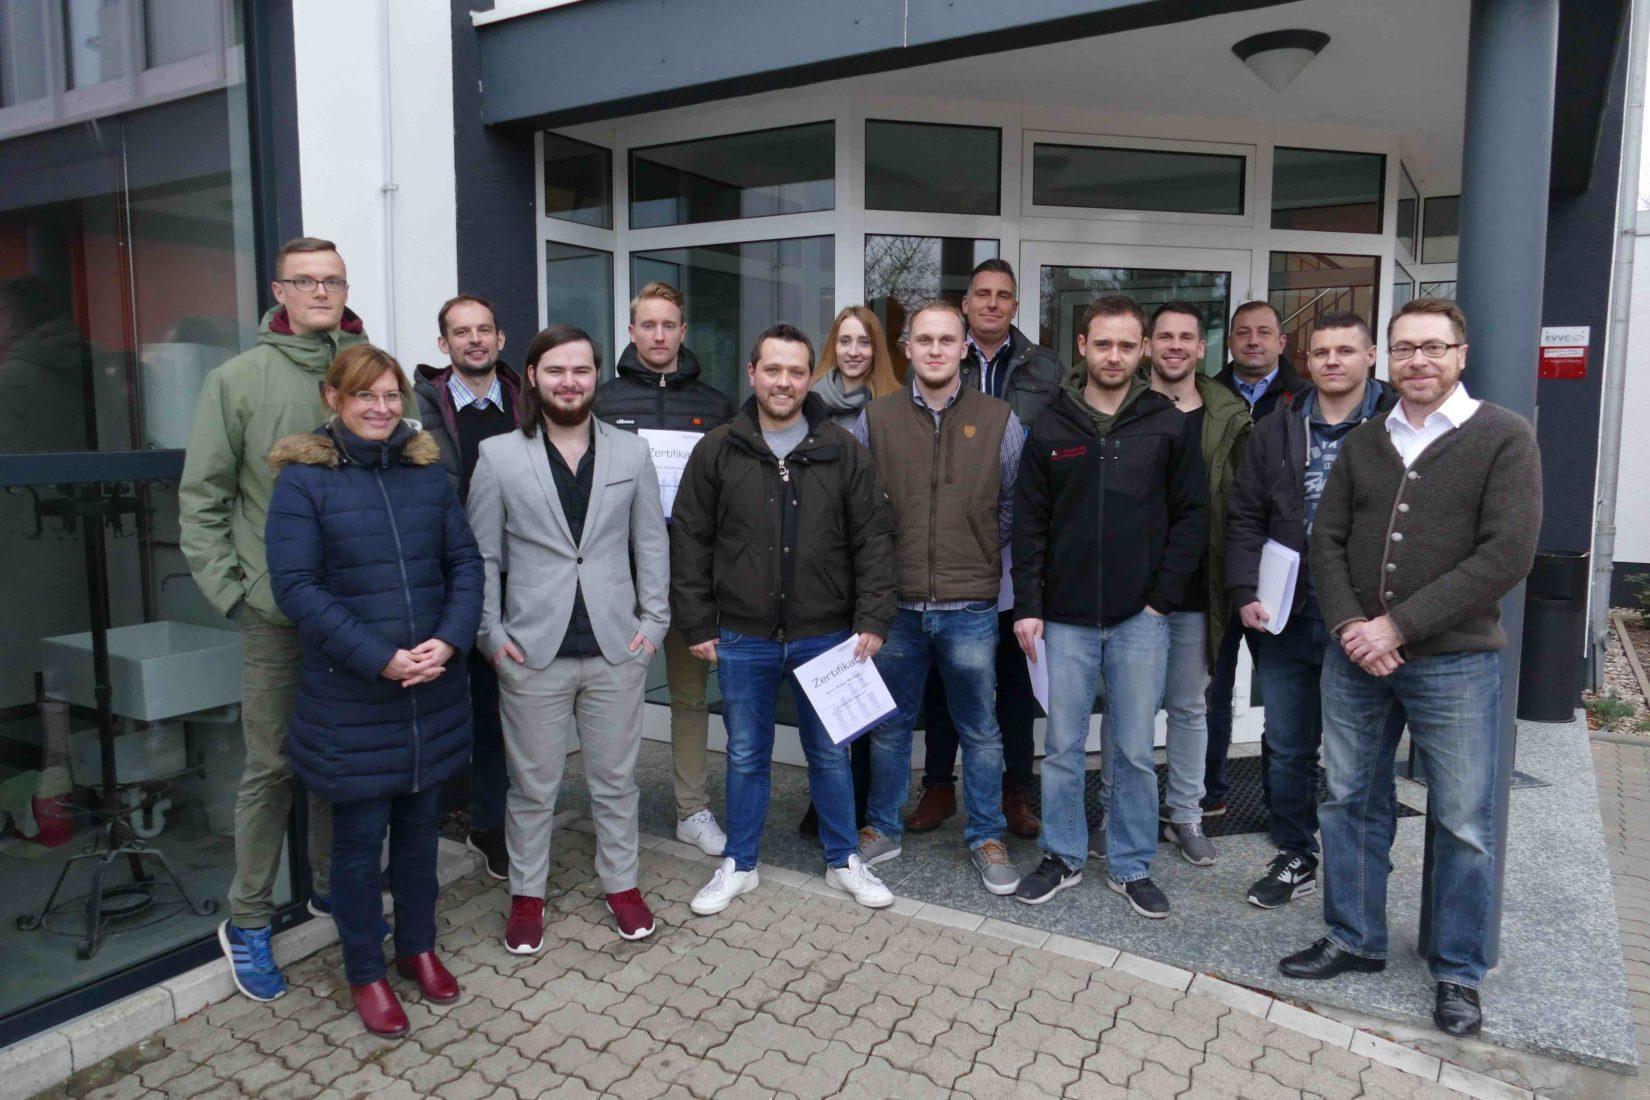 Die Teilnehmer des Lehrgangs in Göttingen. Fotos: Eurobaustoff